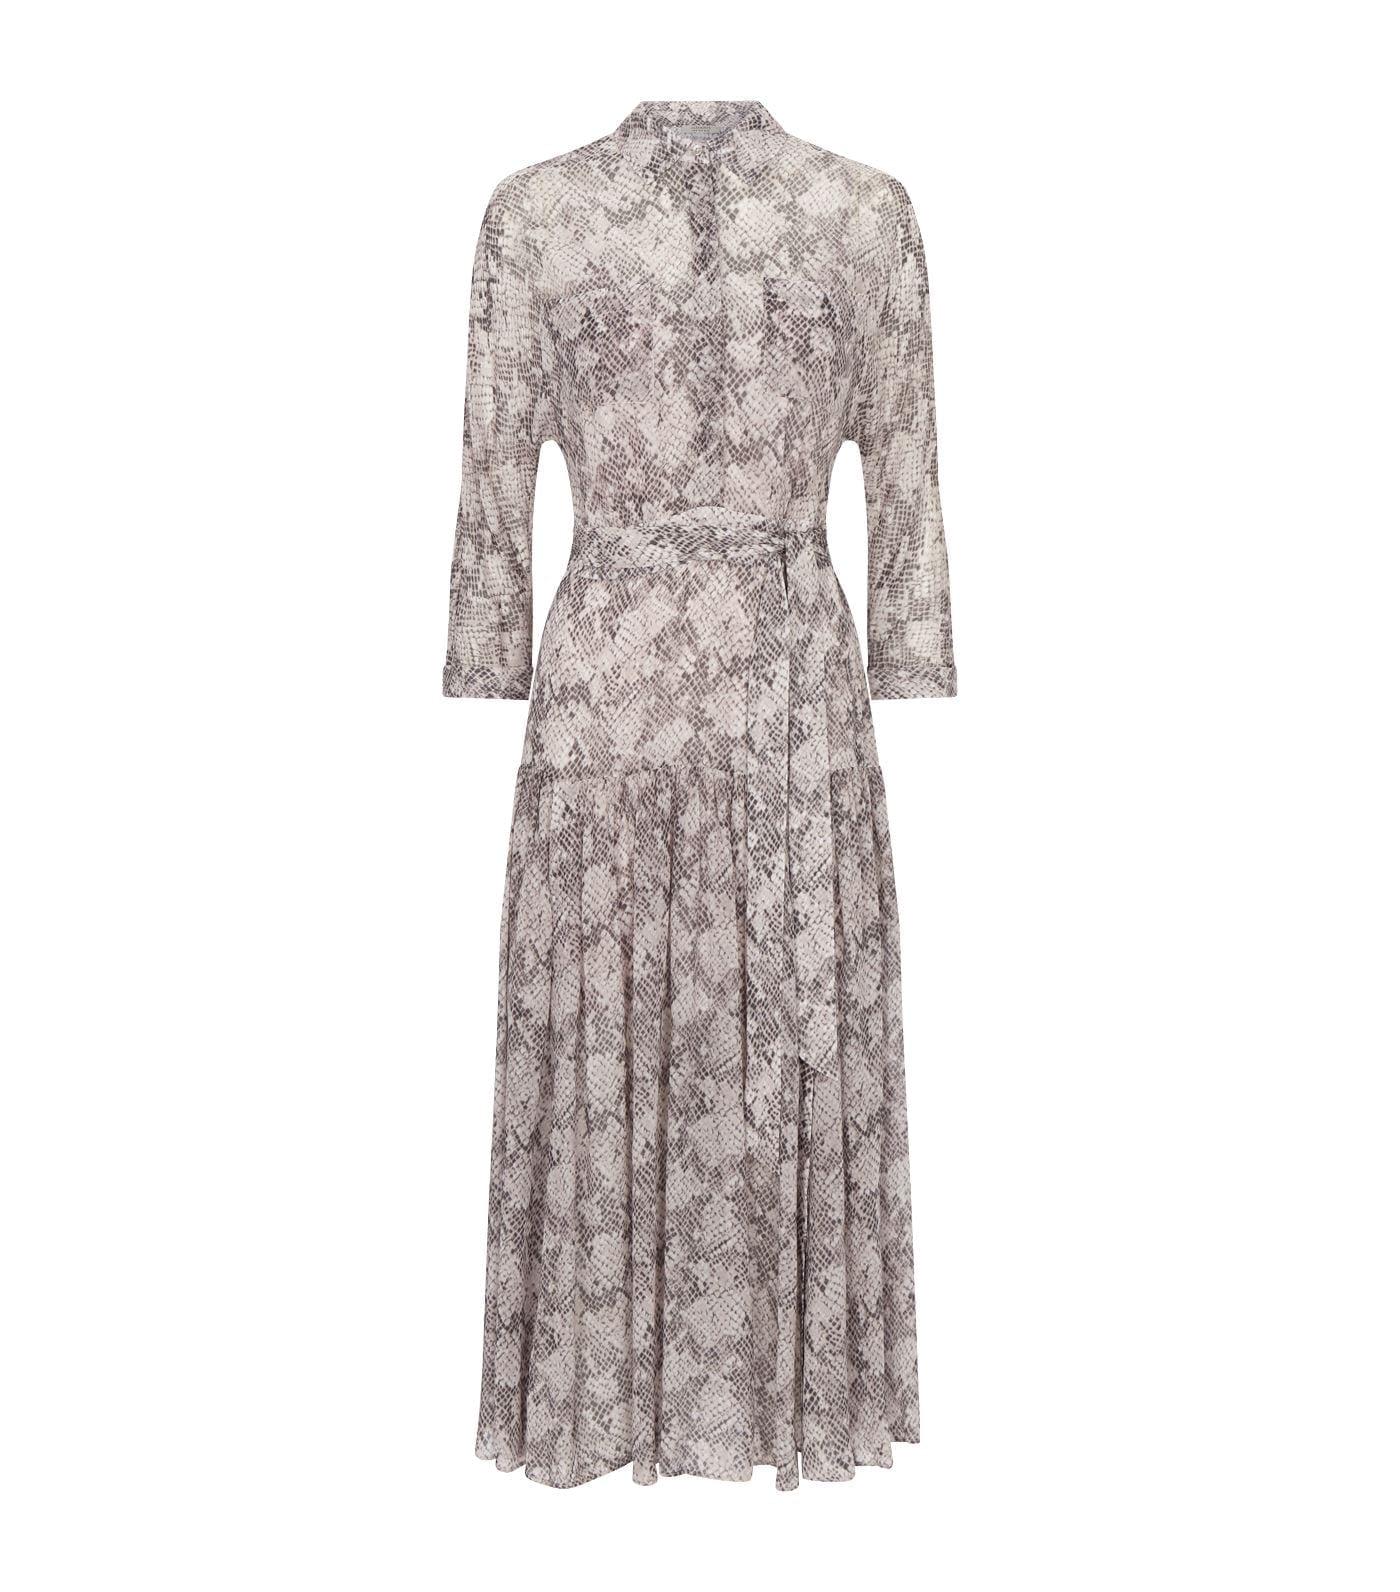 ALLSAINTS Eley Midgard Snake Print Midi Dress